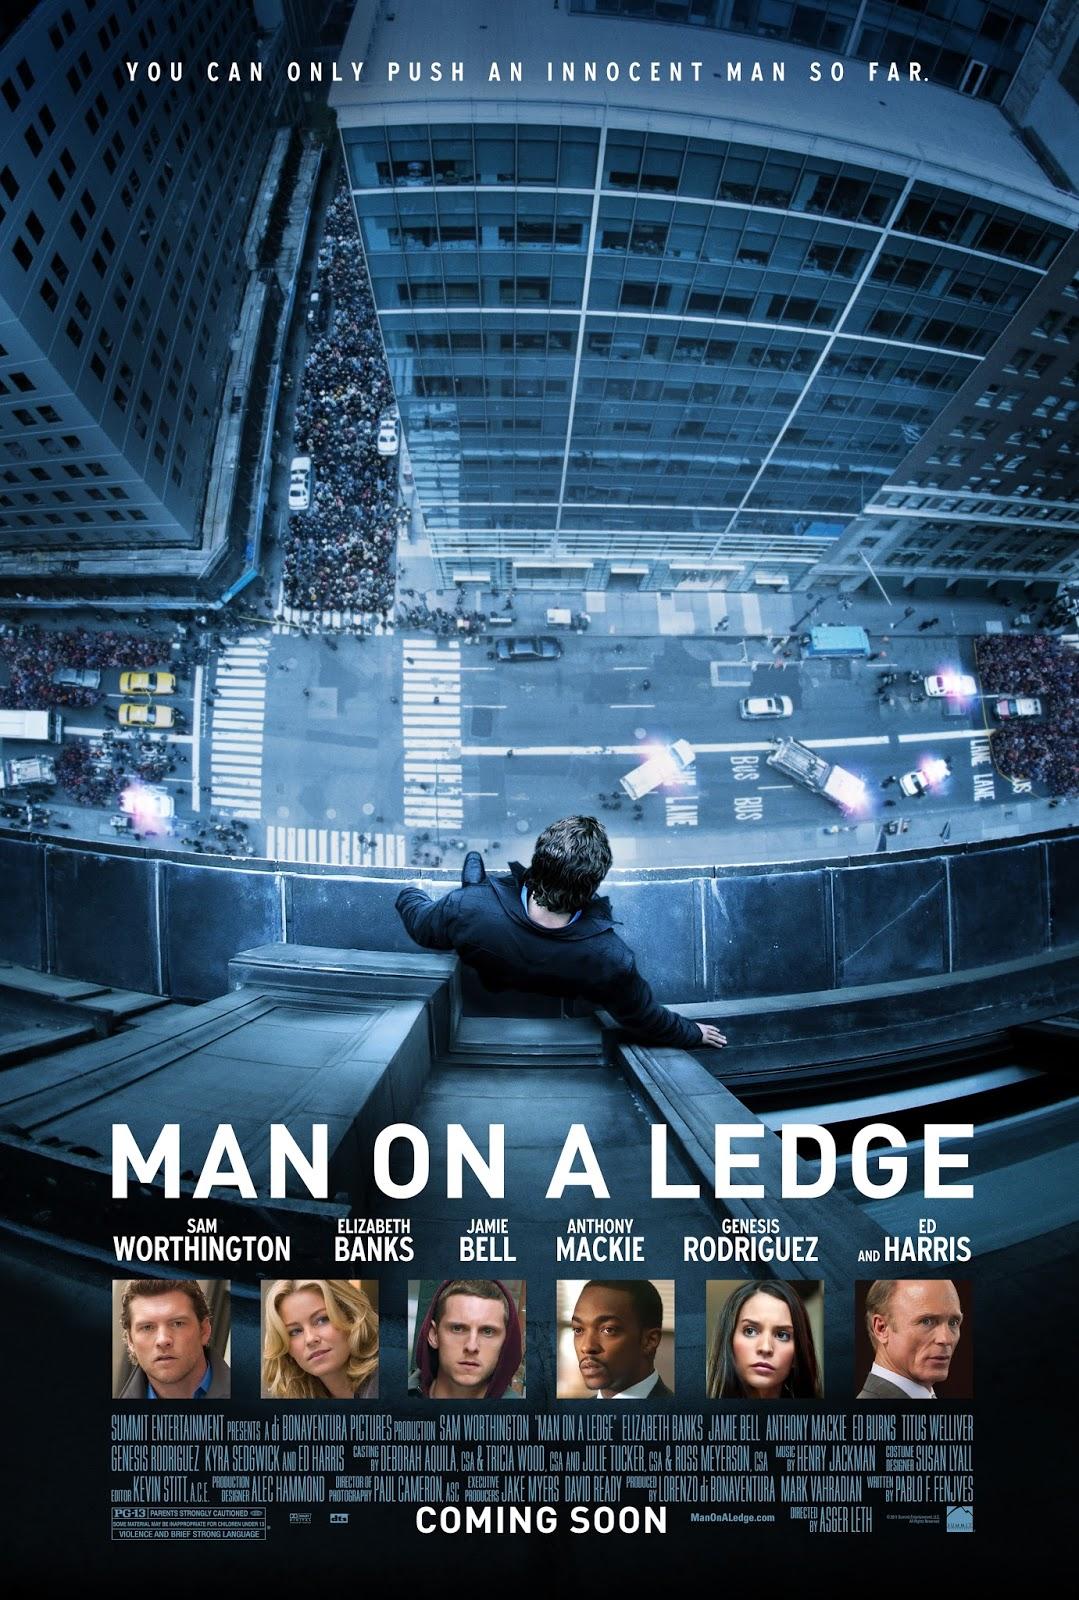 Man on a Ledge (2012) ταινιες online seires oipeirates greek subs